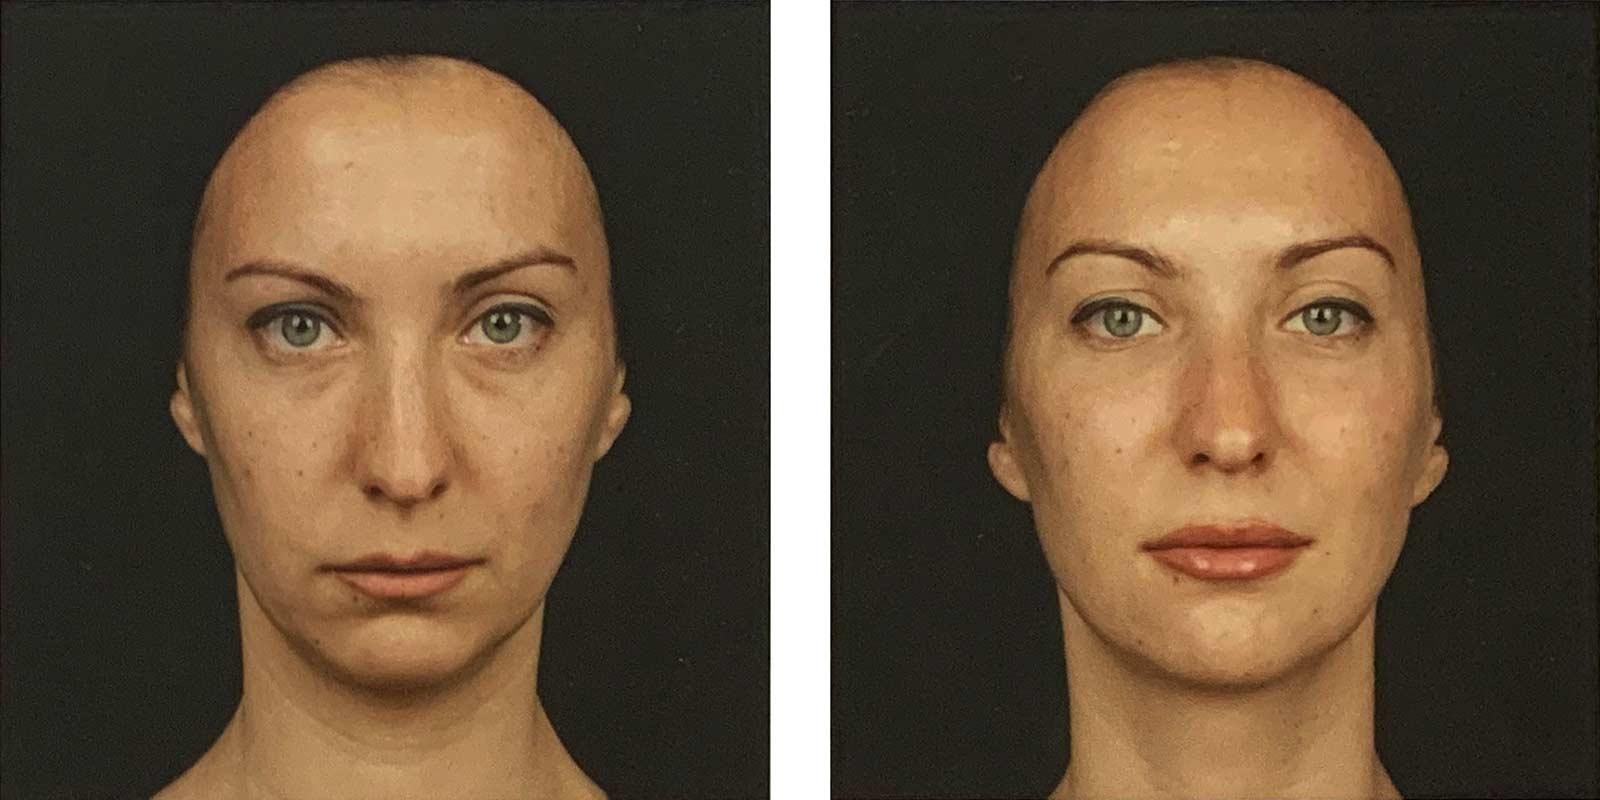 injections d'acide hyaluronique (Juvederm) pour corriger un visage d'aspect fatigué - avant-après